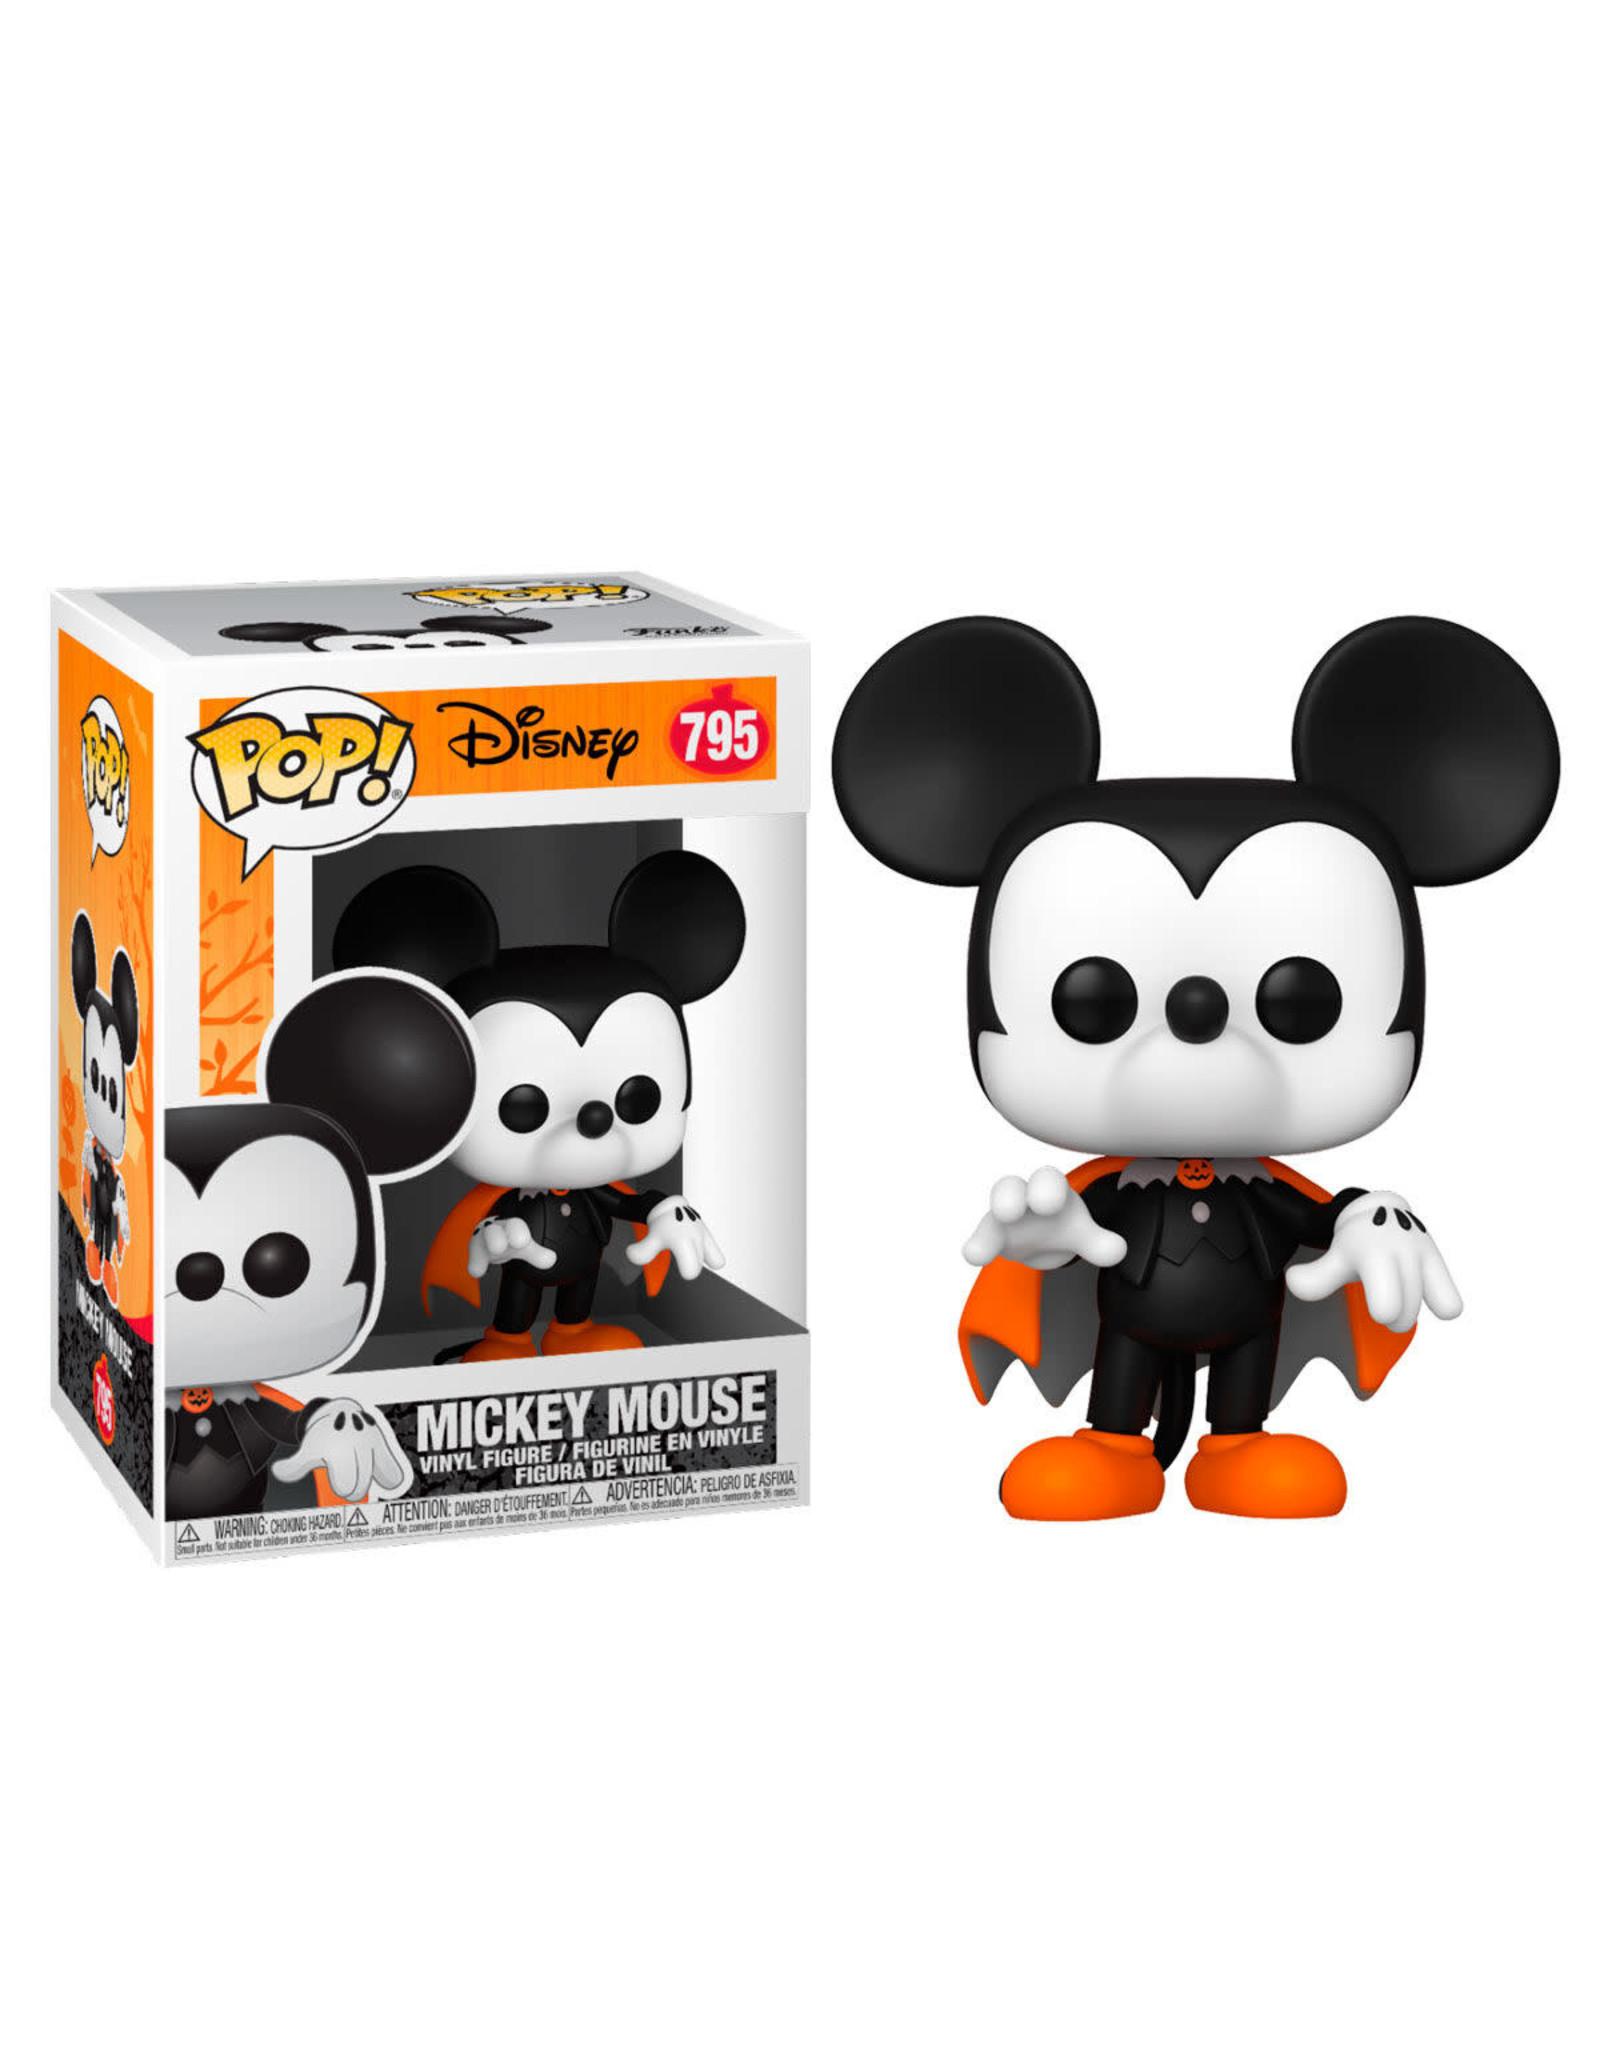 Funko DISNEY - POP! N° 795 - Spooky Mickey